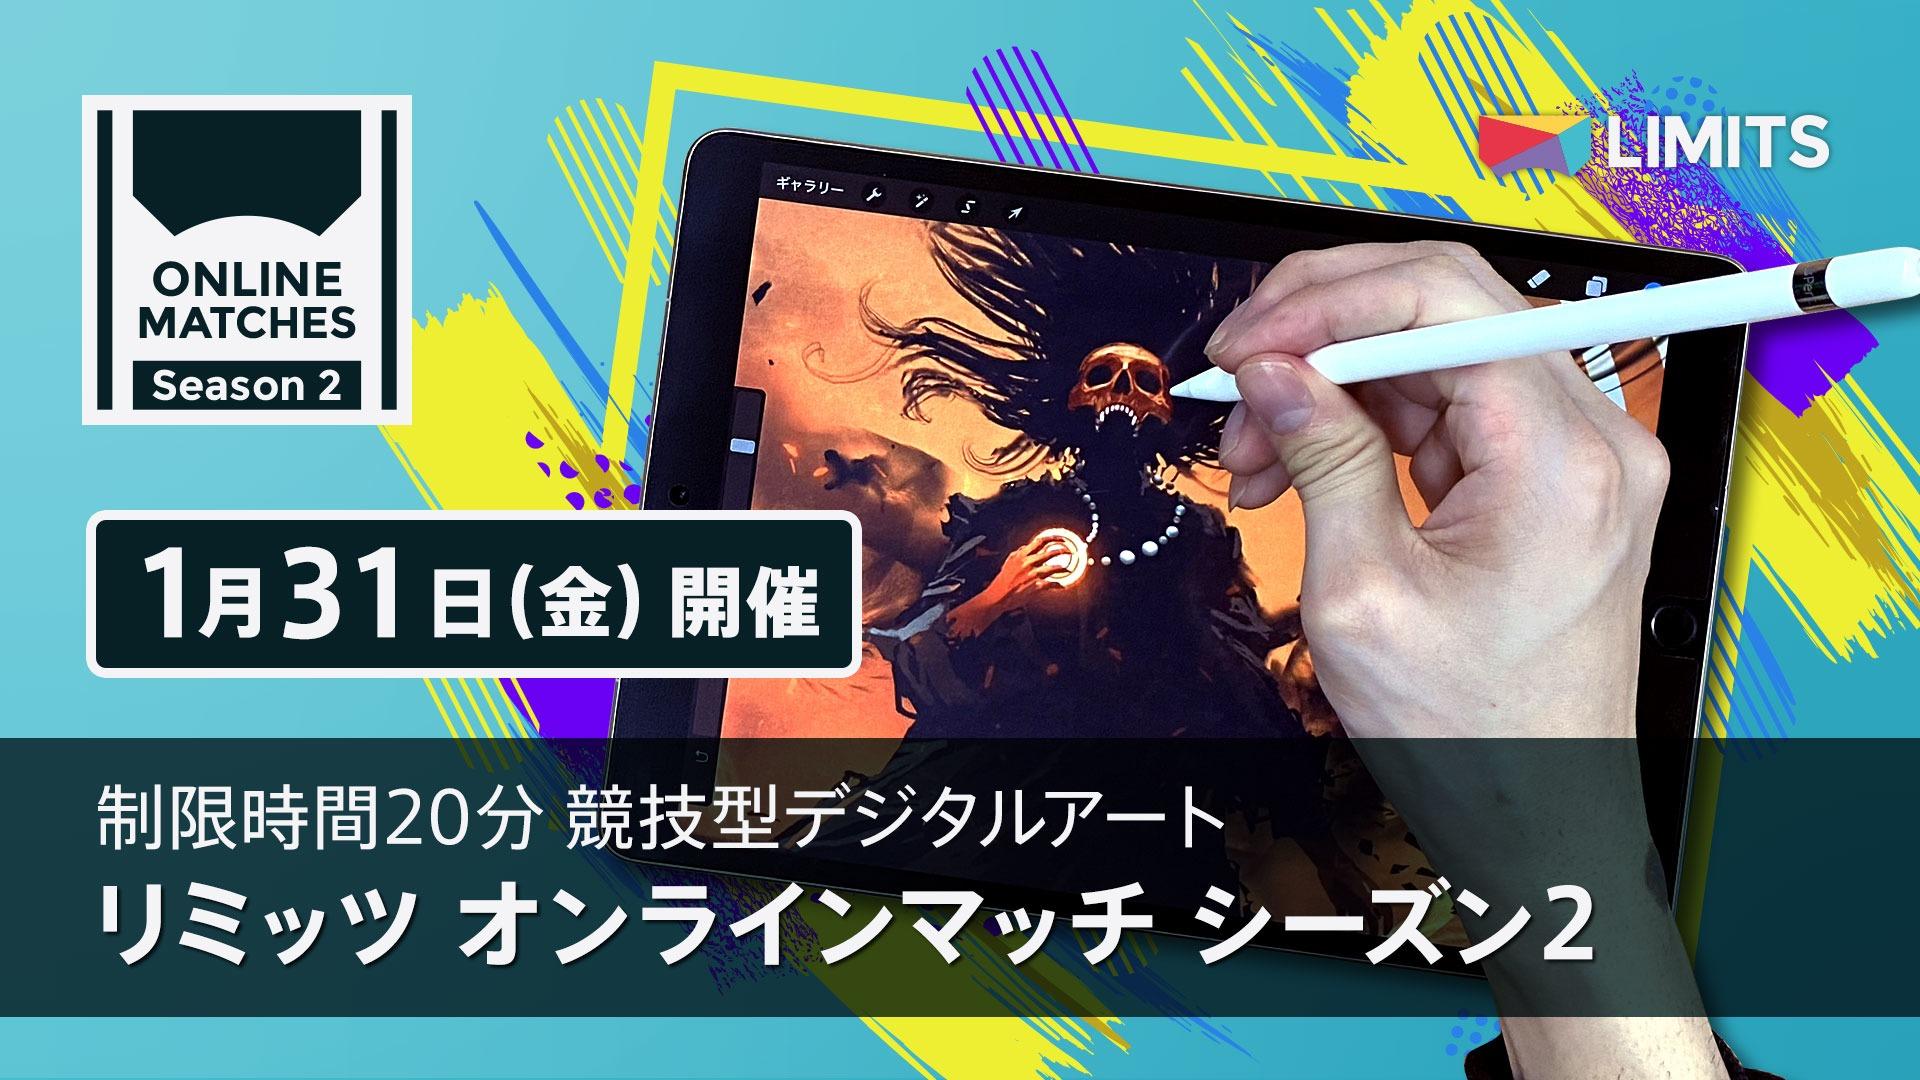 リミッツ オンラインマッチ シーズン2【1月31日】